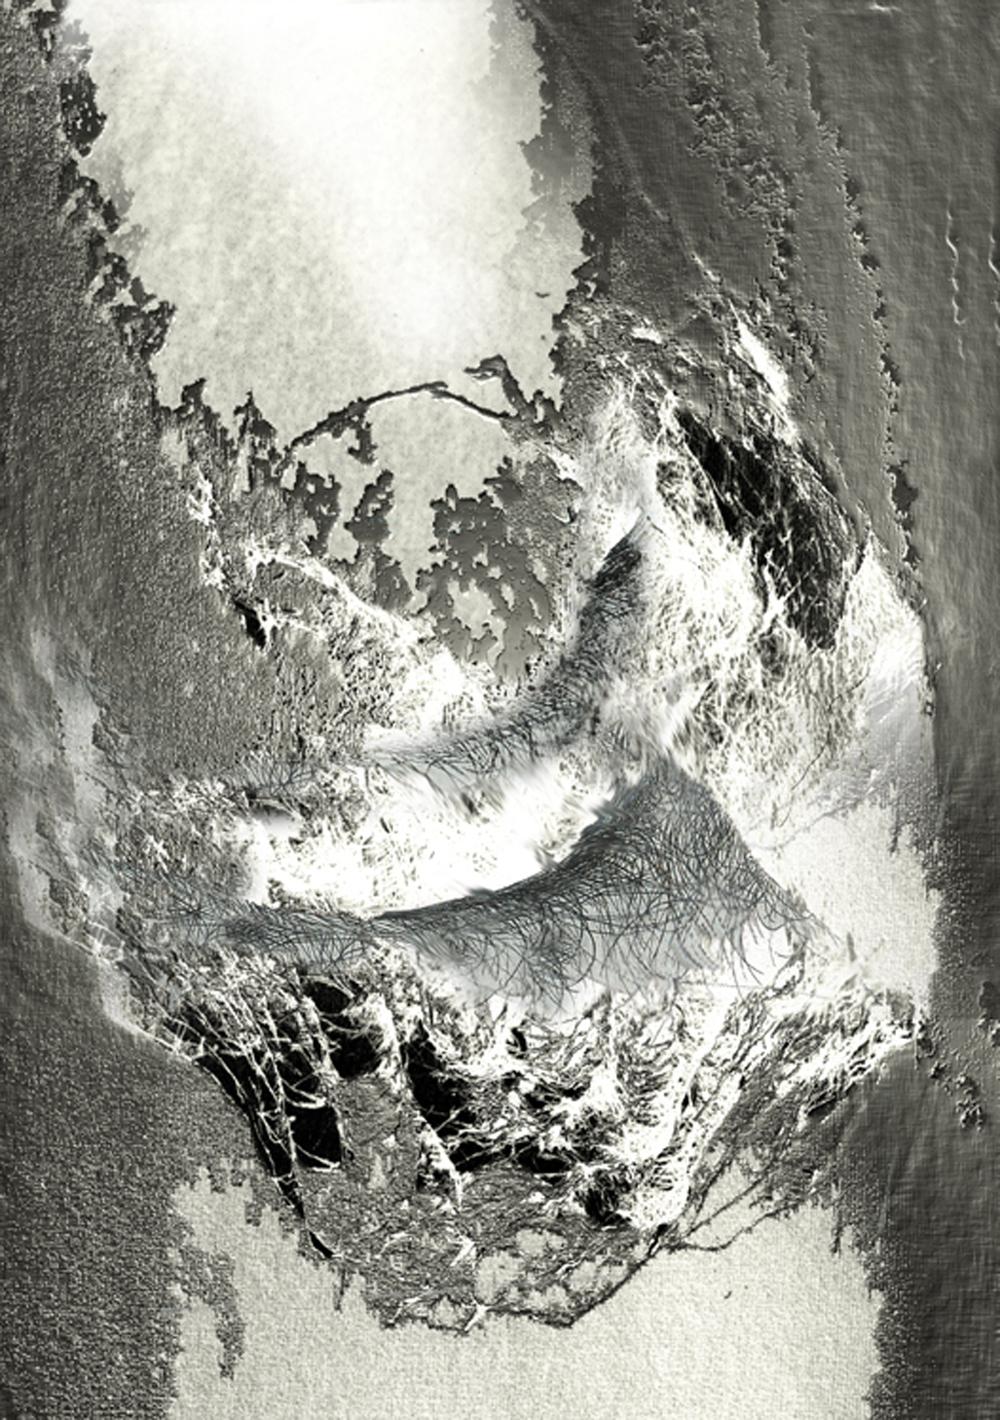 Góry 8, Serce, 70x100 cm, 2002.jpg